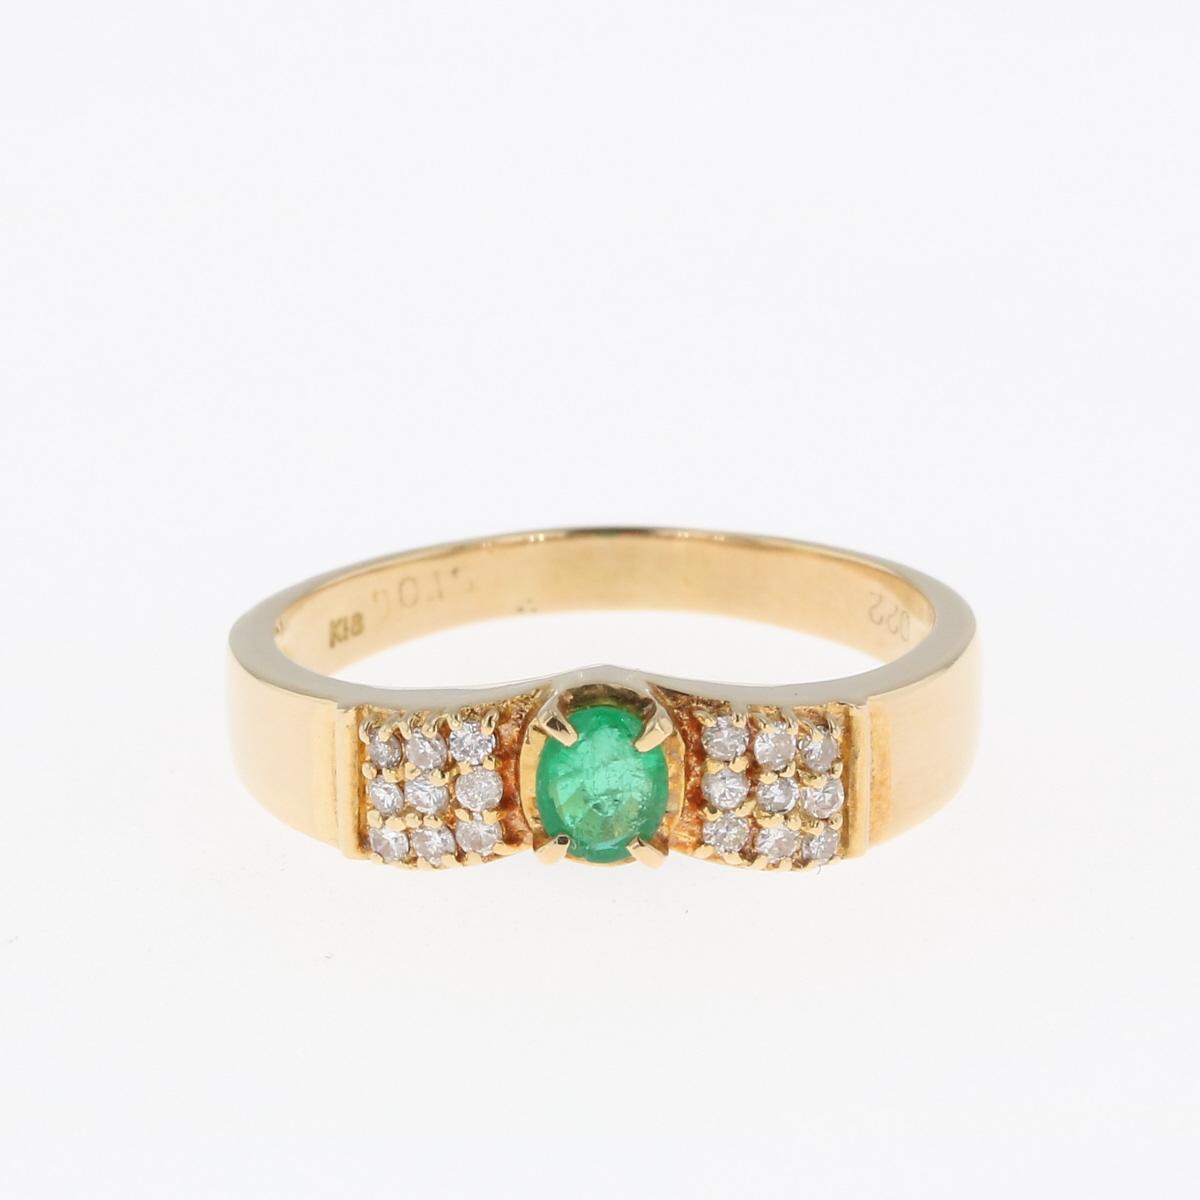 USED 送料無料 特売 エメラルド デザインリング K18 イエローゴールド メレダイヤ 予約販売品 中古 リング 指輪 ダイヤモンド レディース 15号 YG